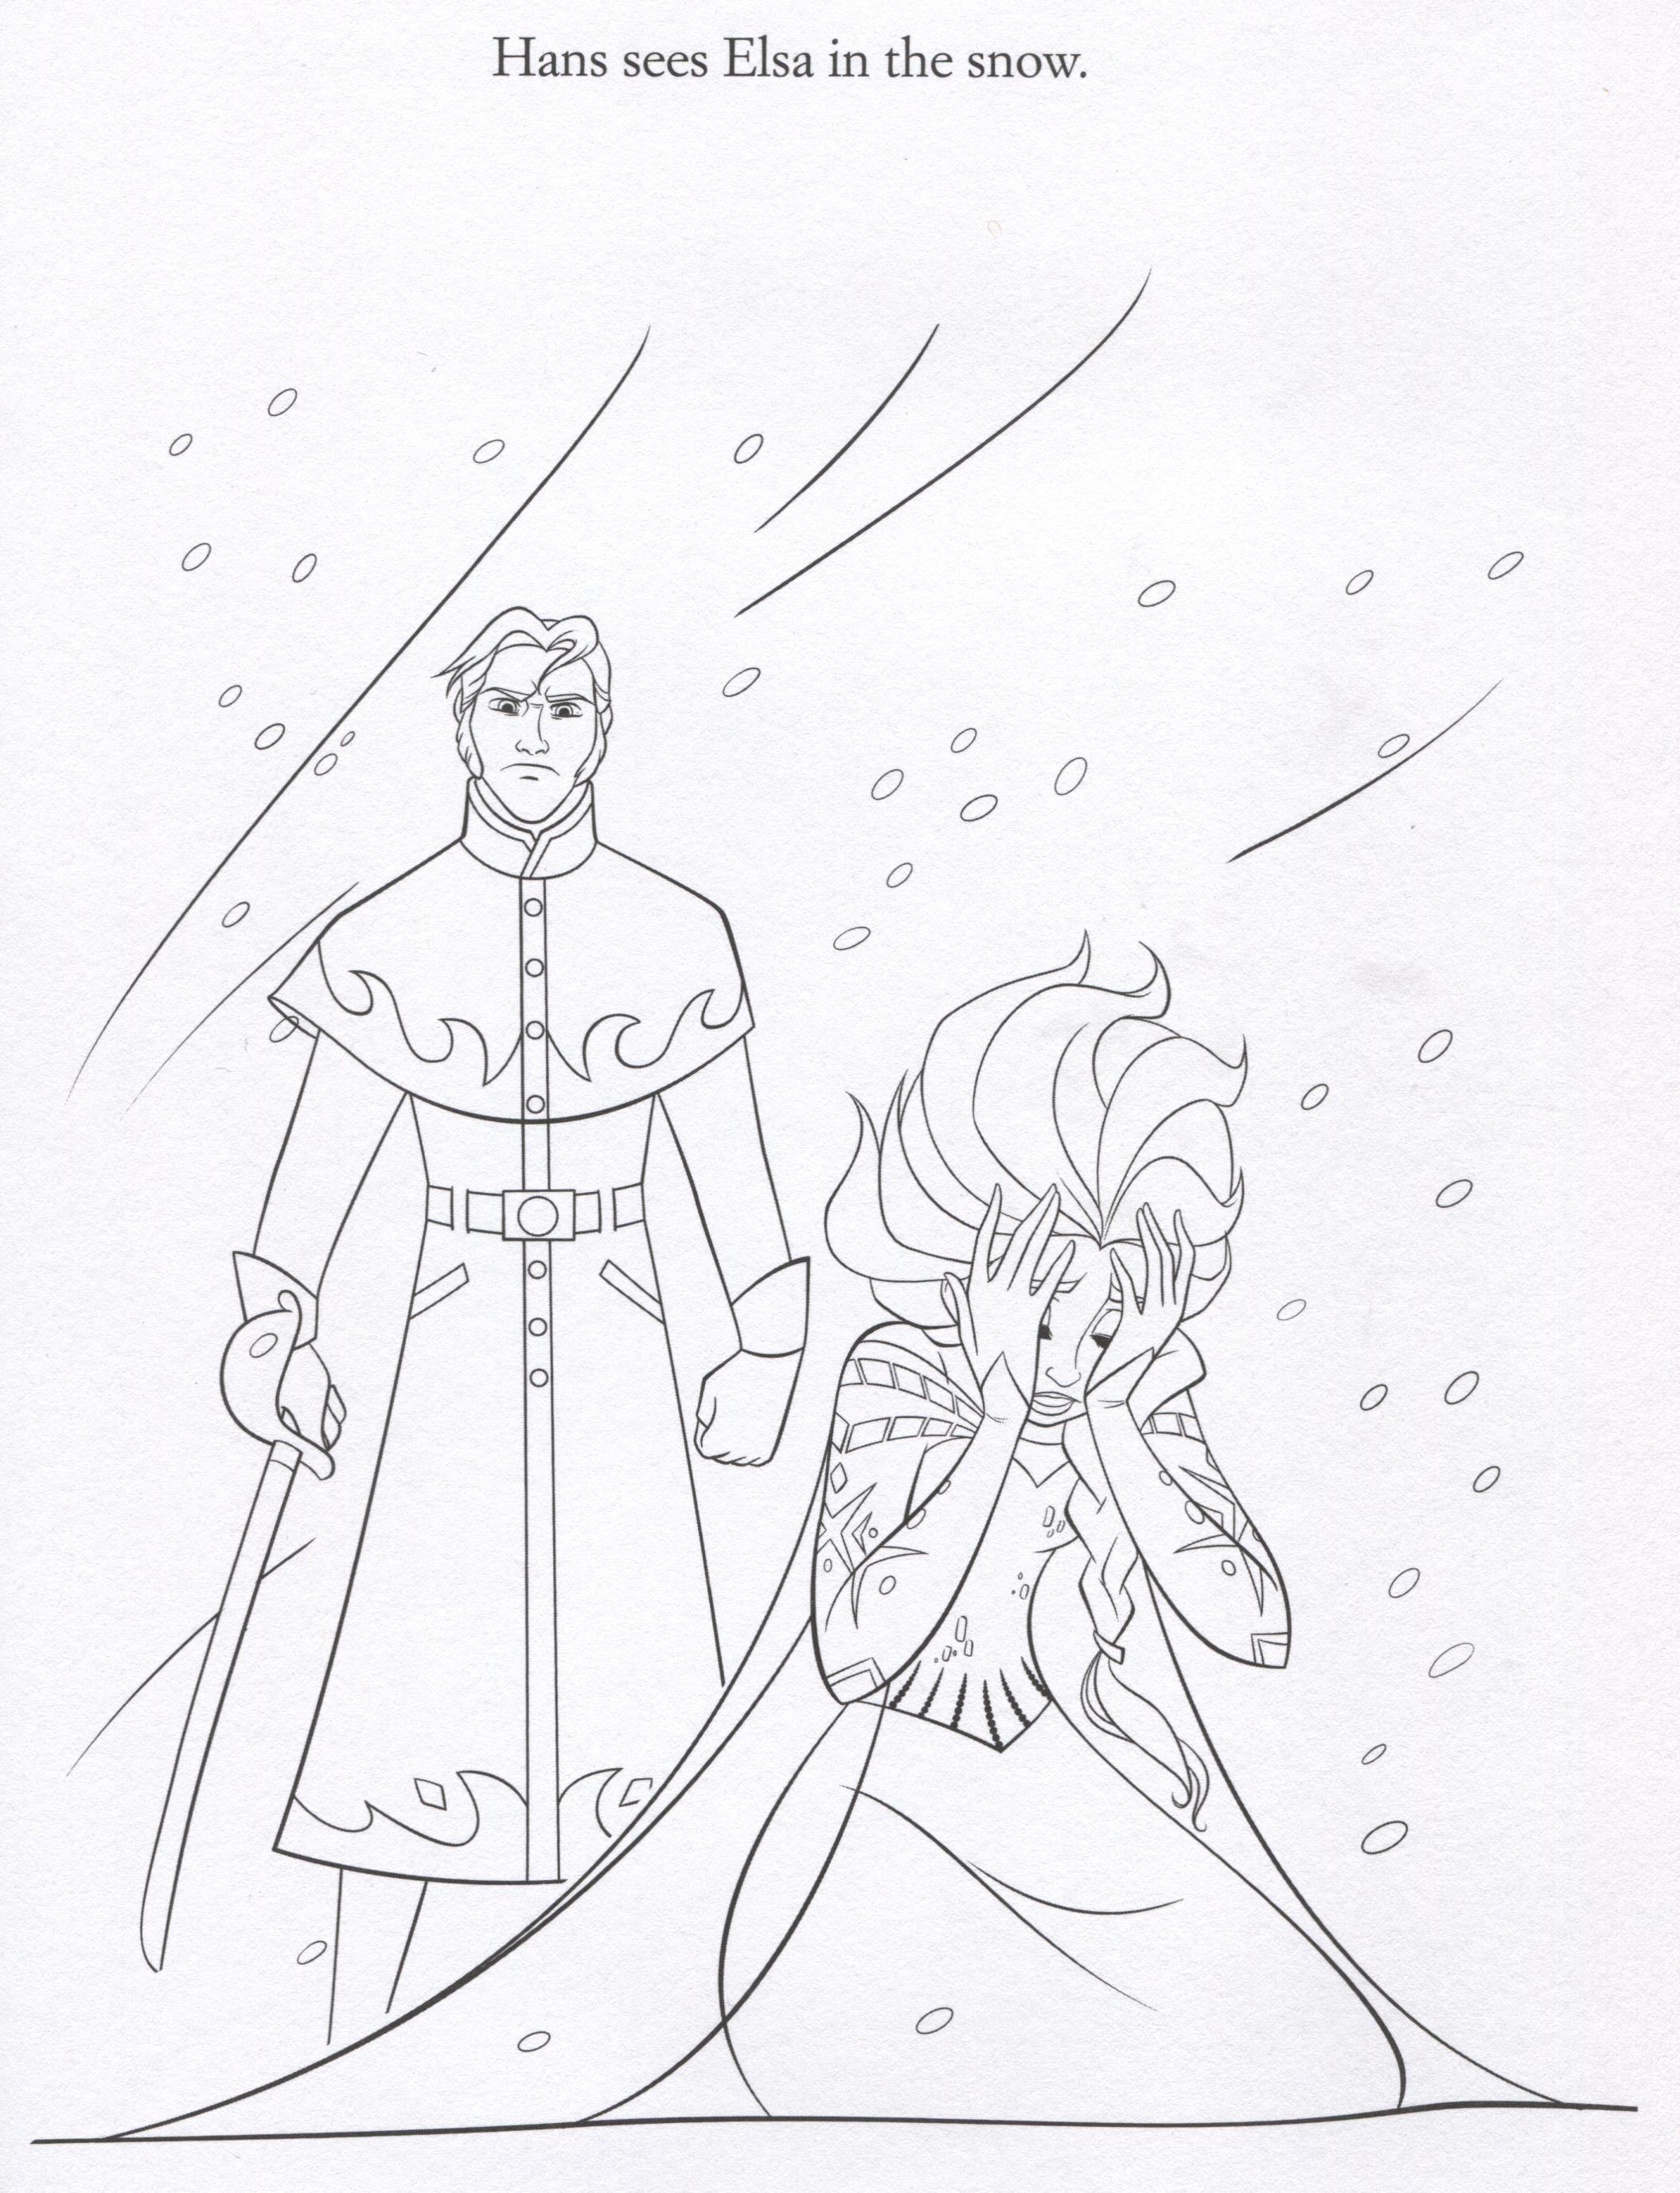 elsa the snow queen images elsa the snow queen image hd wallpaper Disney Frozen Anna Elsa deviantART elsa the snow queen images elsa the snow queen image hd wallpaper and background photos